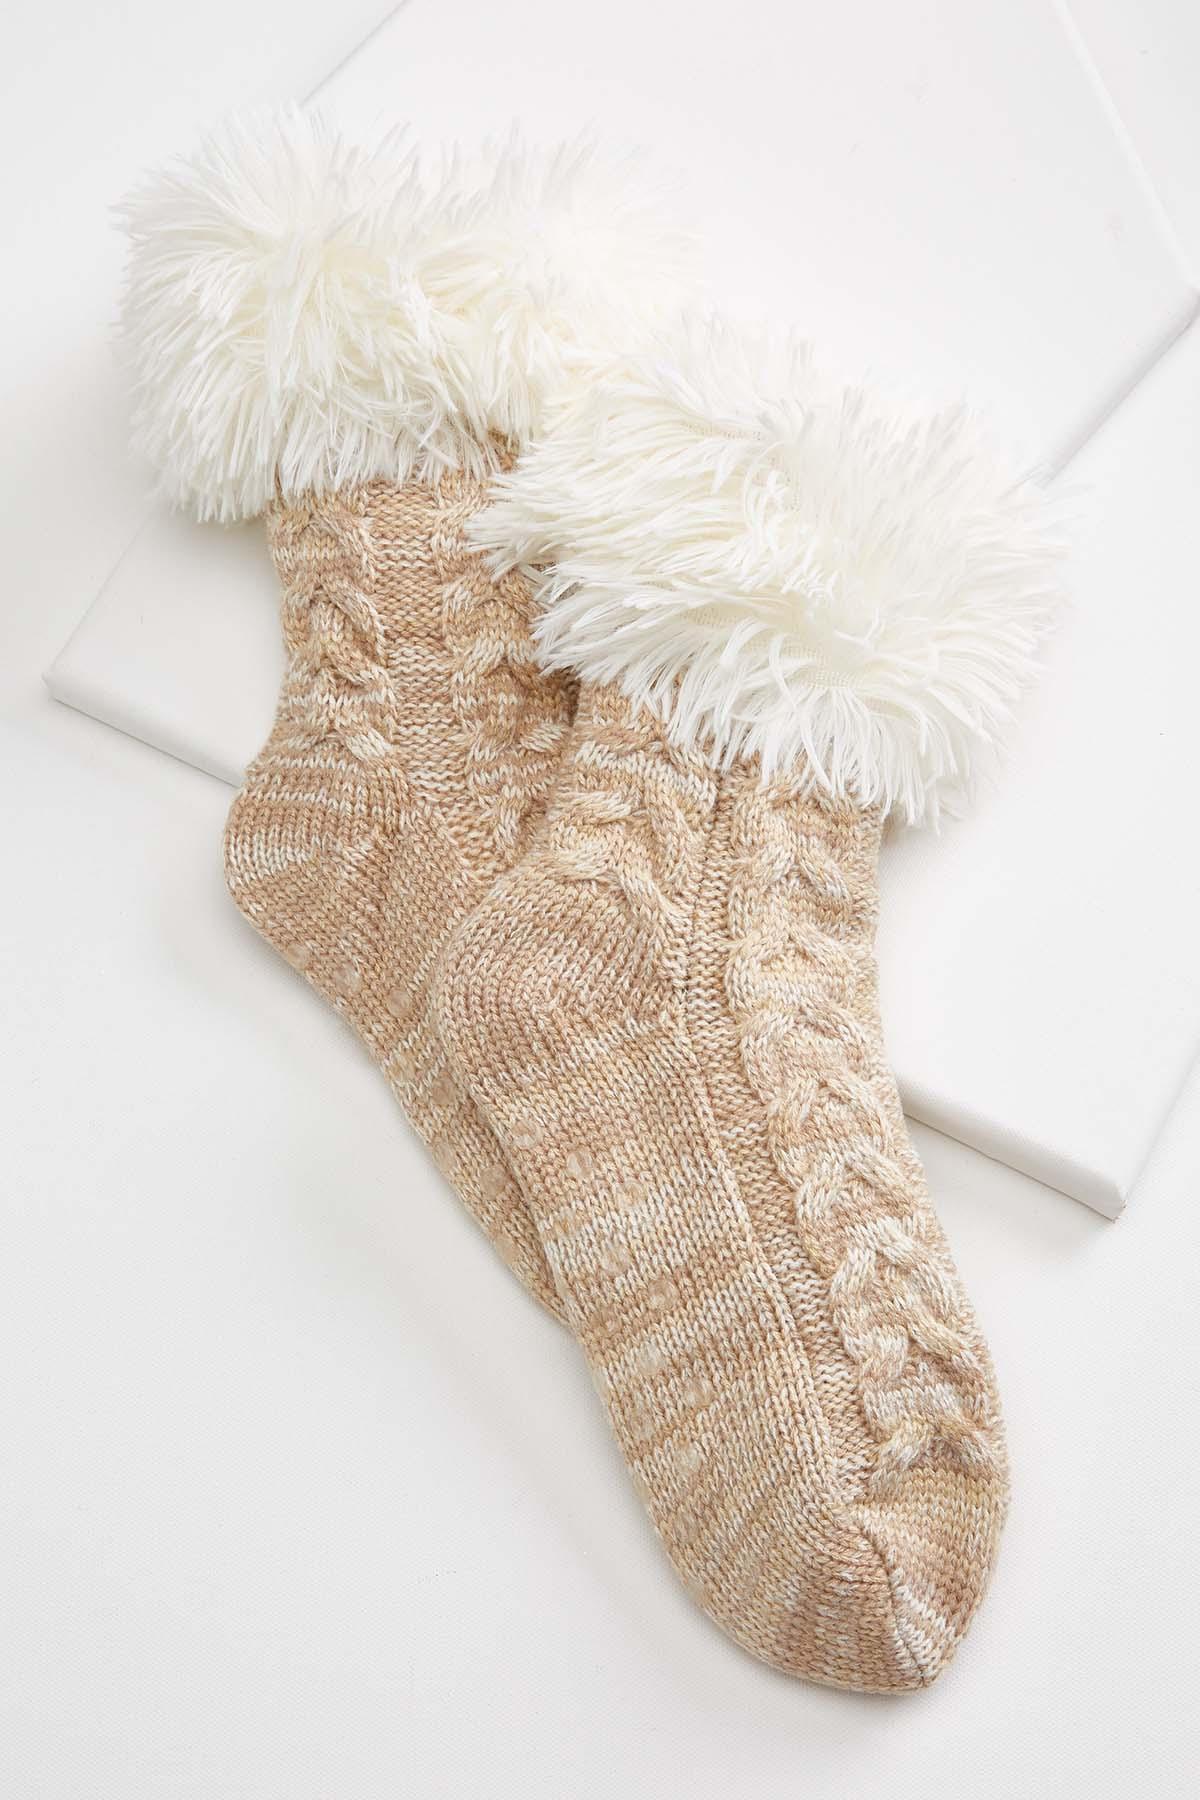 Cue Cozy Slipper Socks